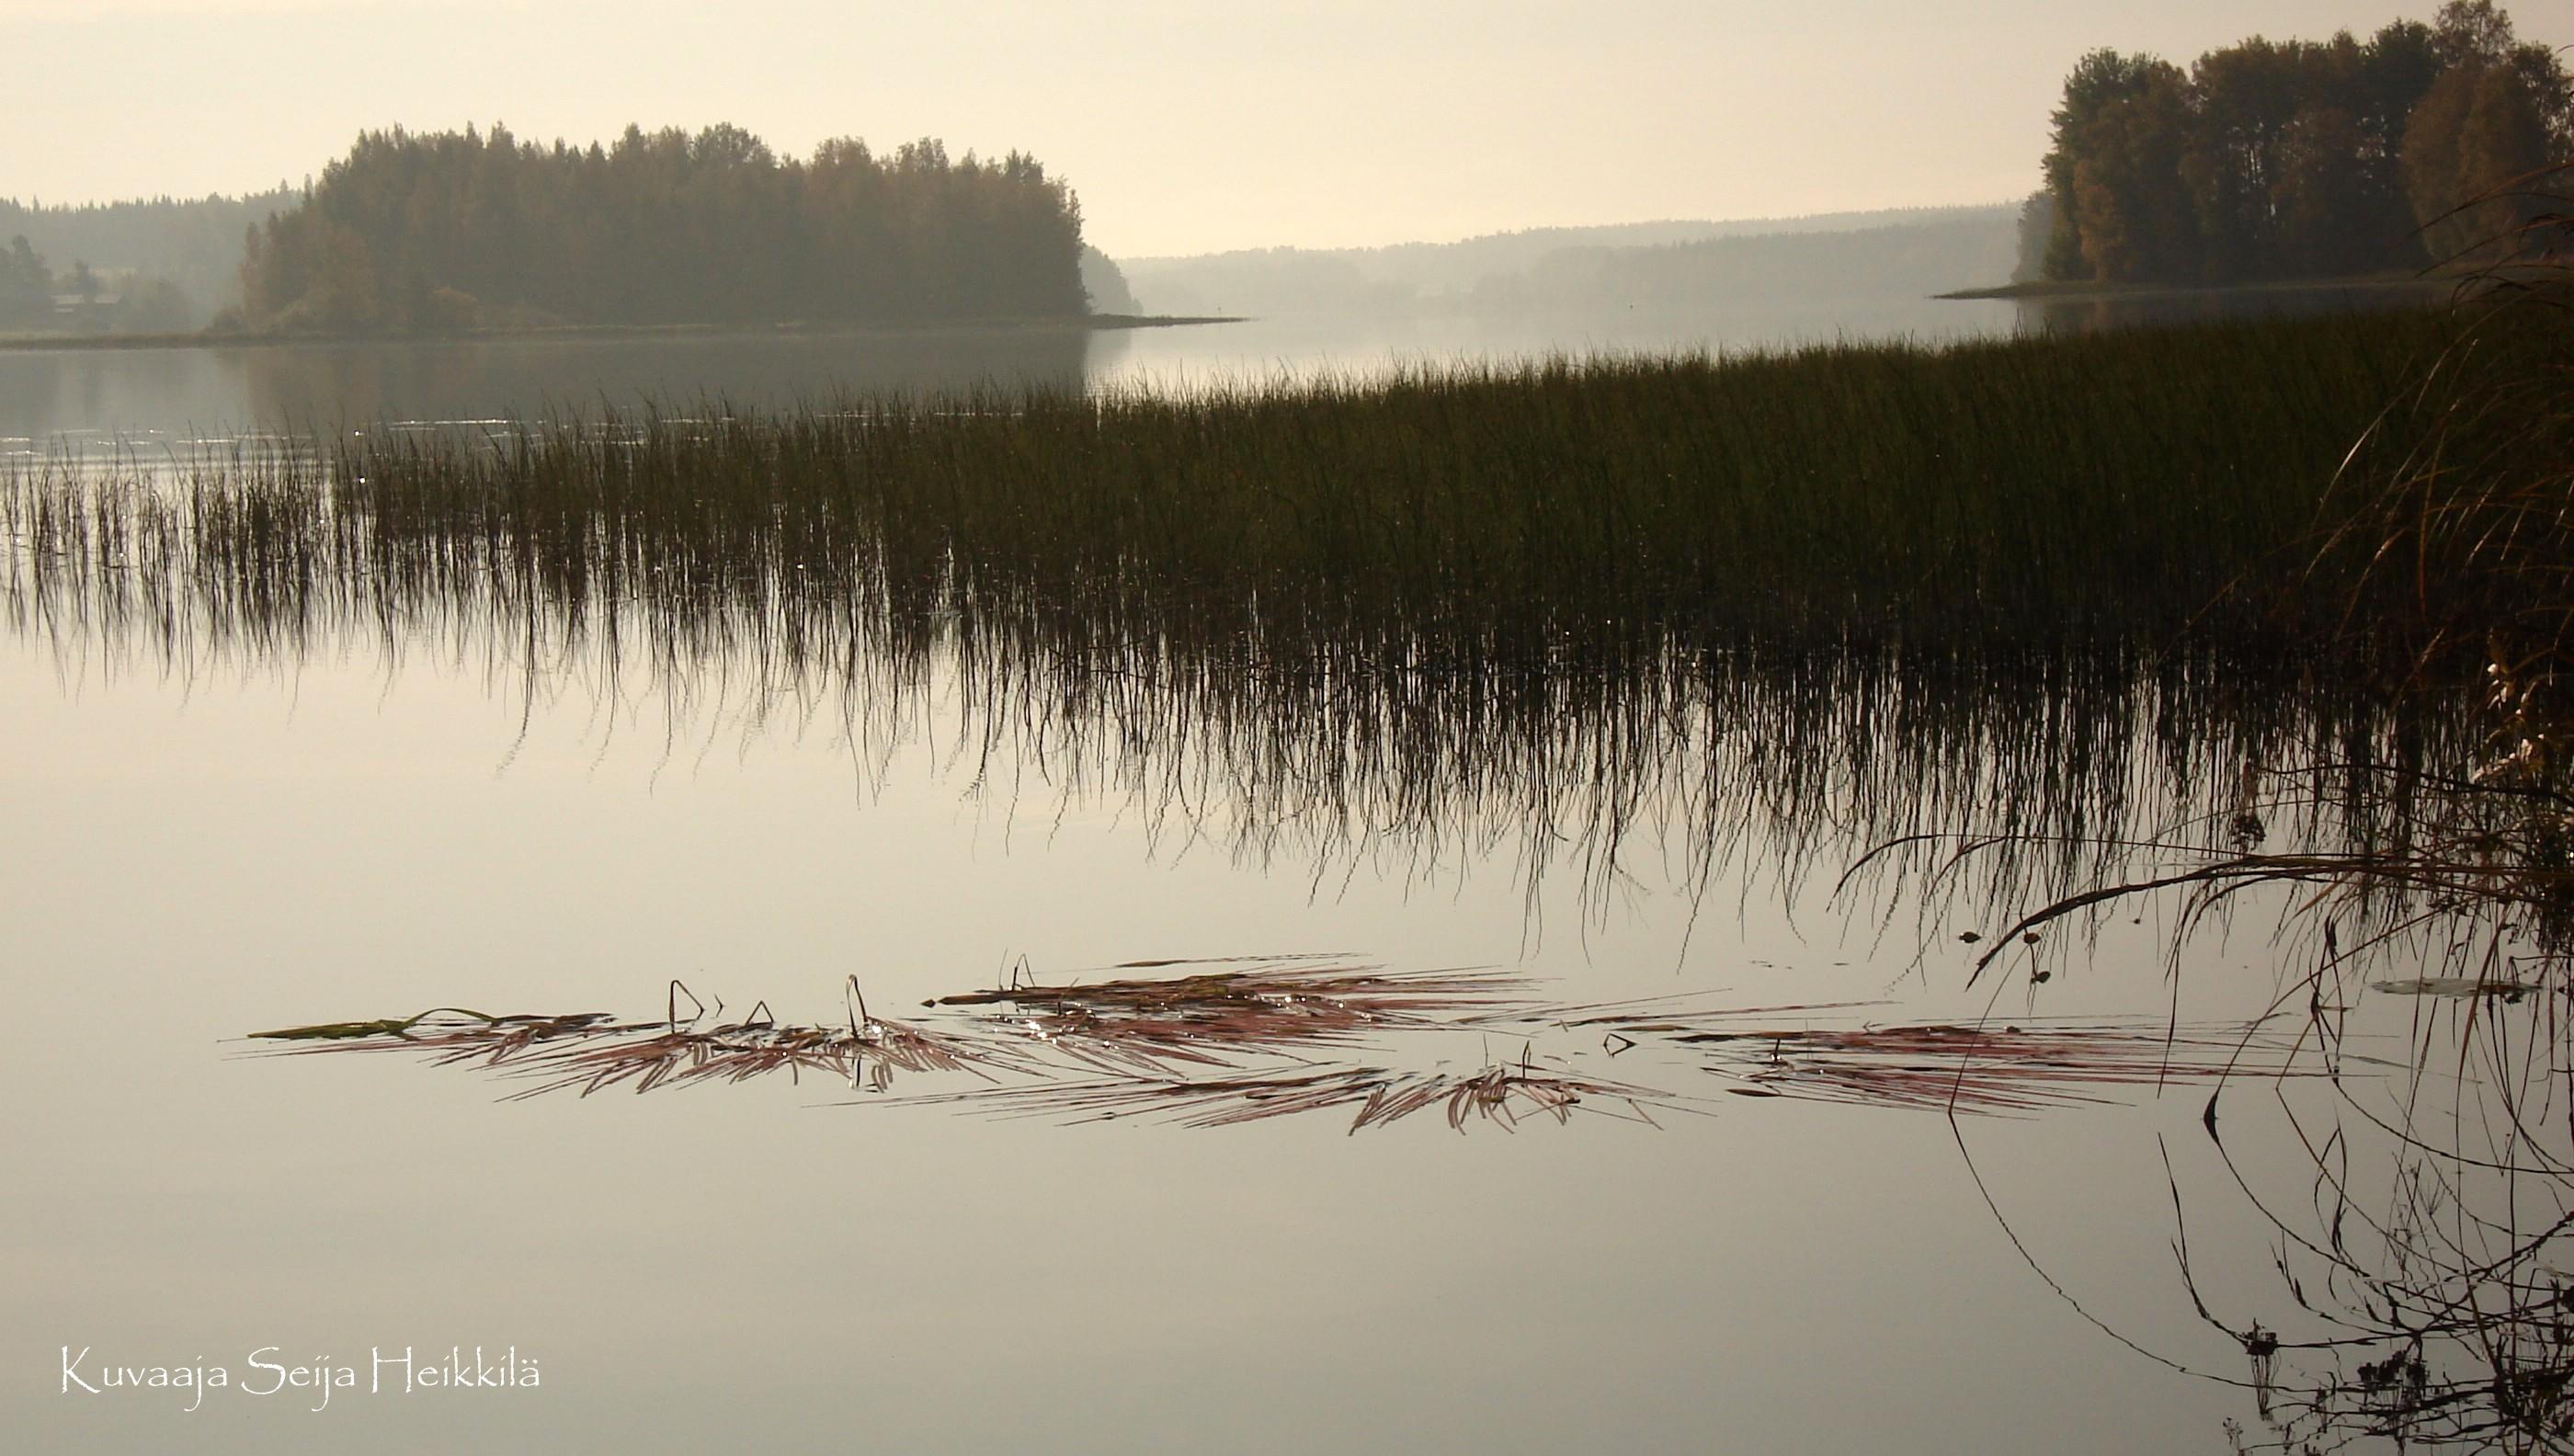 Usvaa Kovelahdessa 2008 (kuva: Seija Heikkilä)